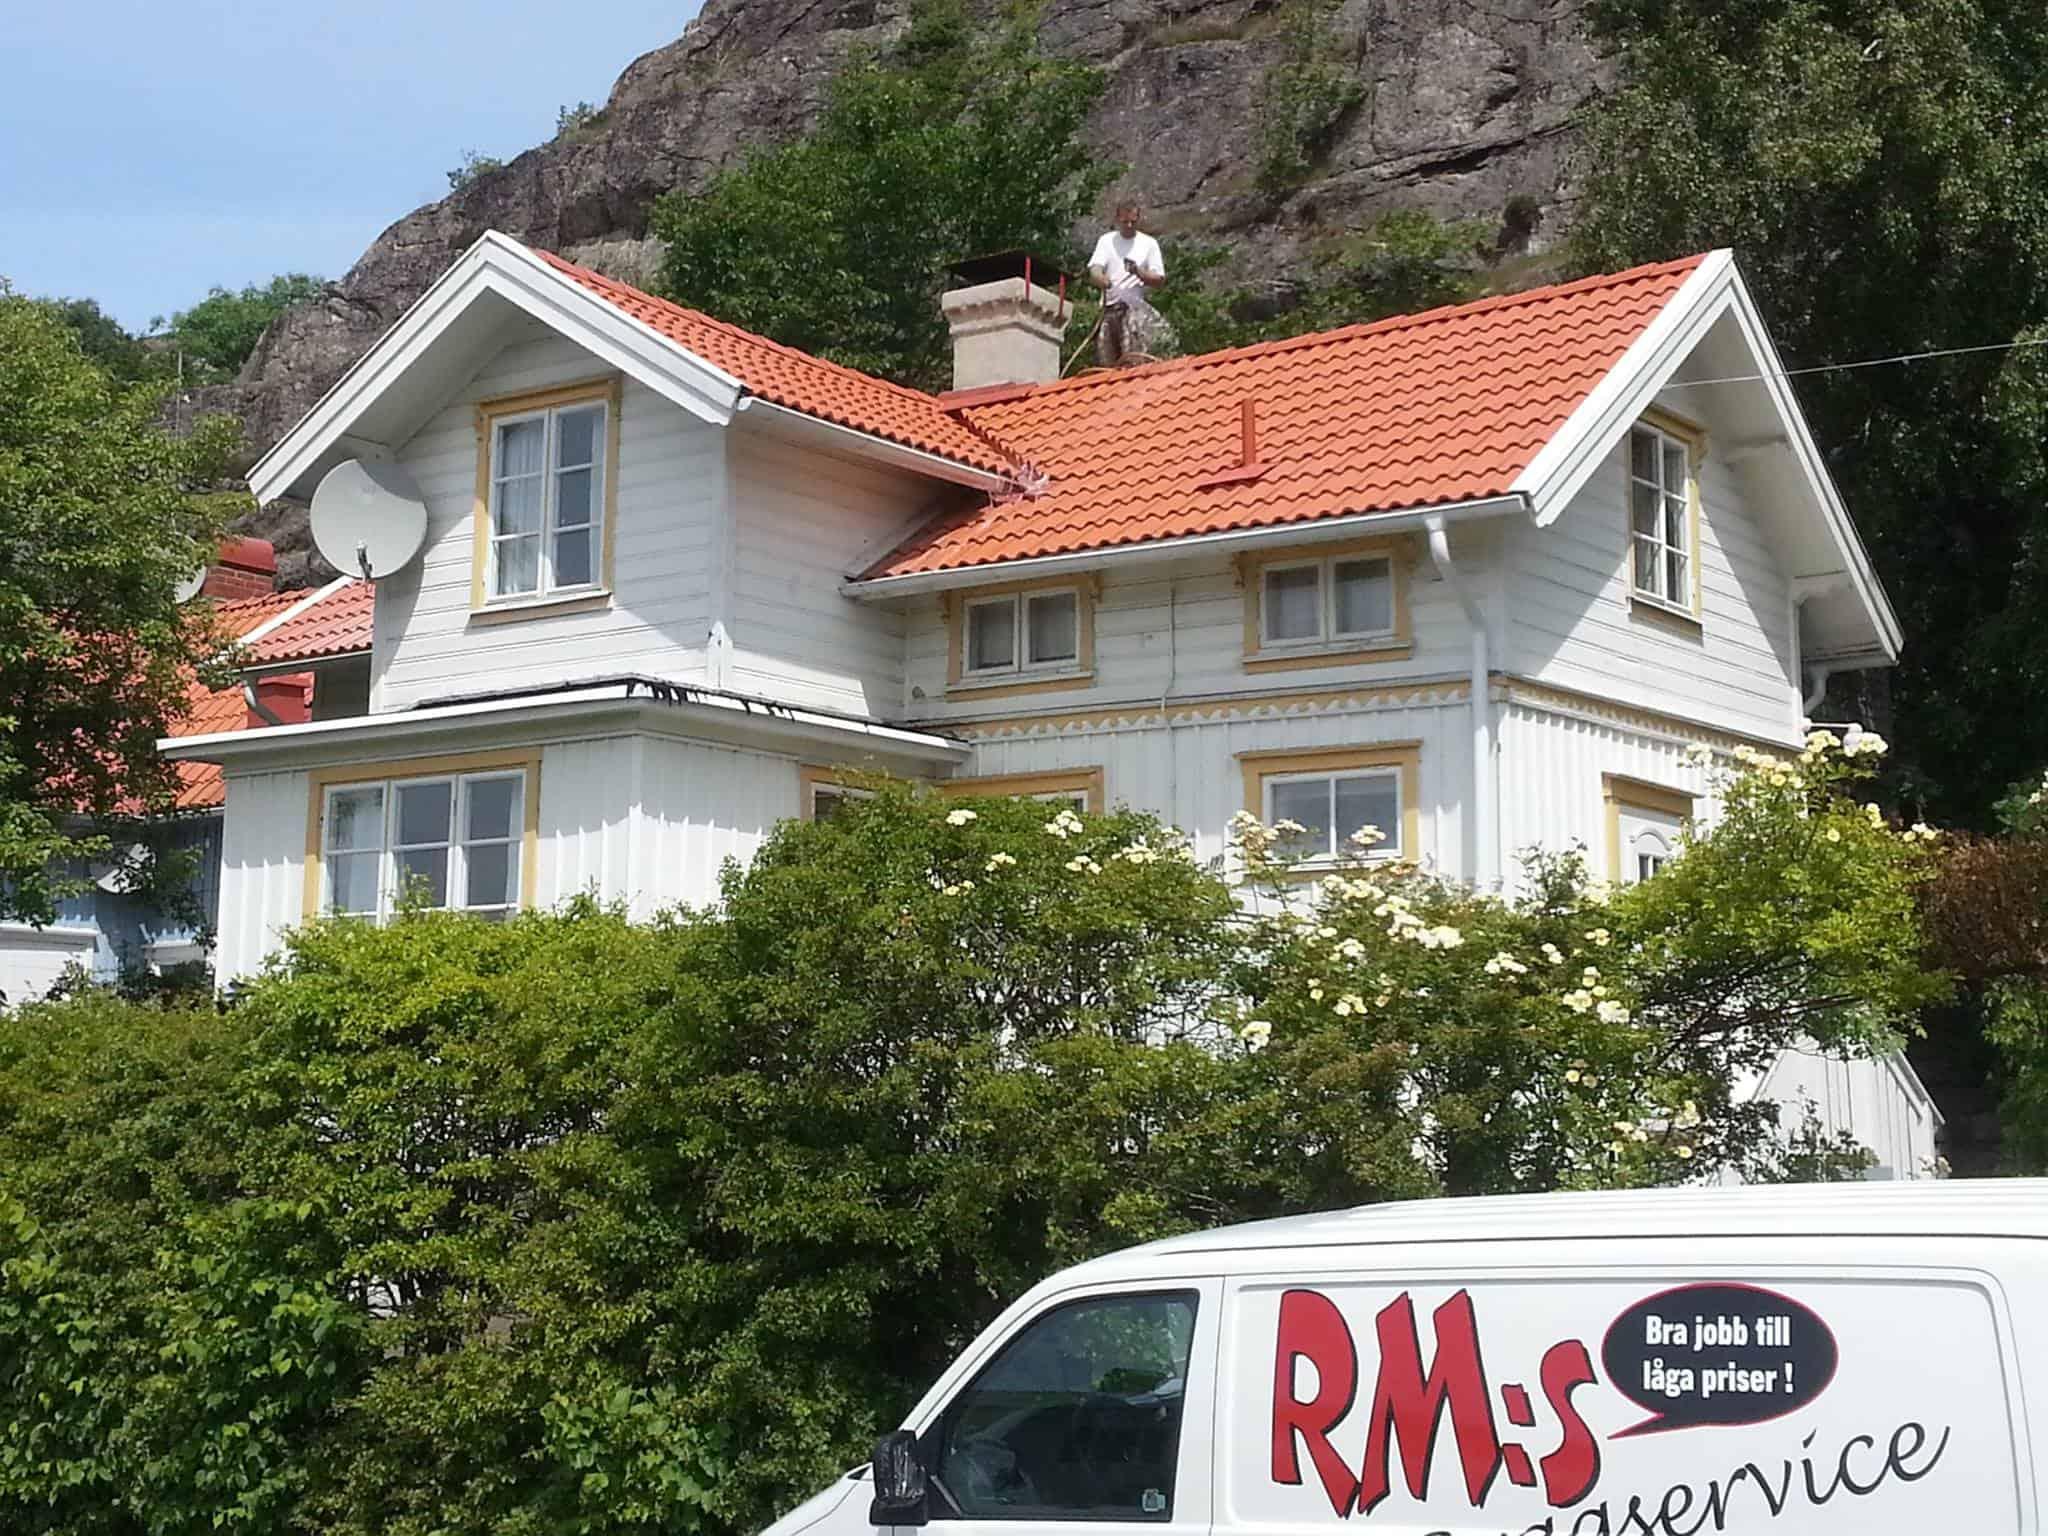 """Referensjobb """"Nytt tak"""" utfört av RM:s Byggservice"""